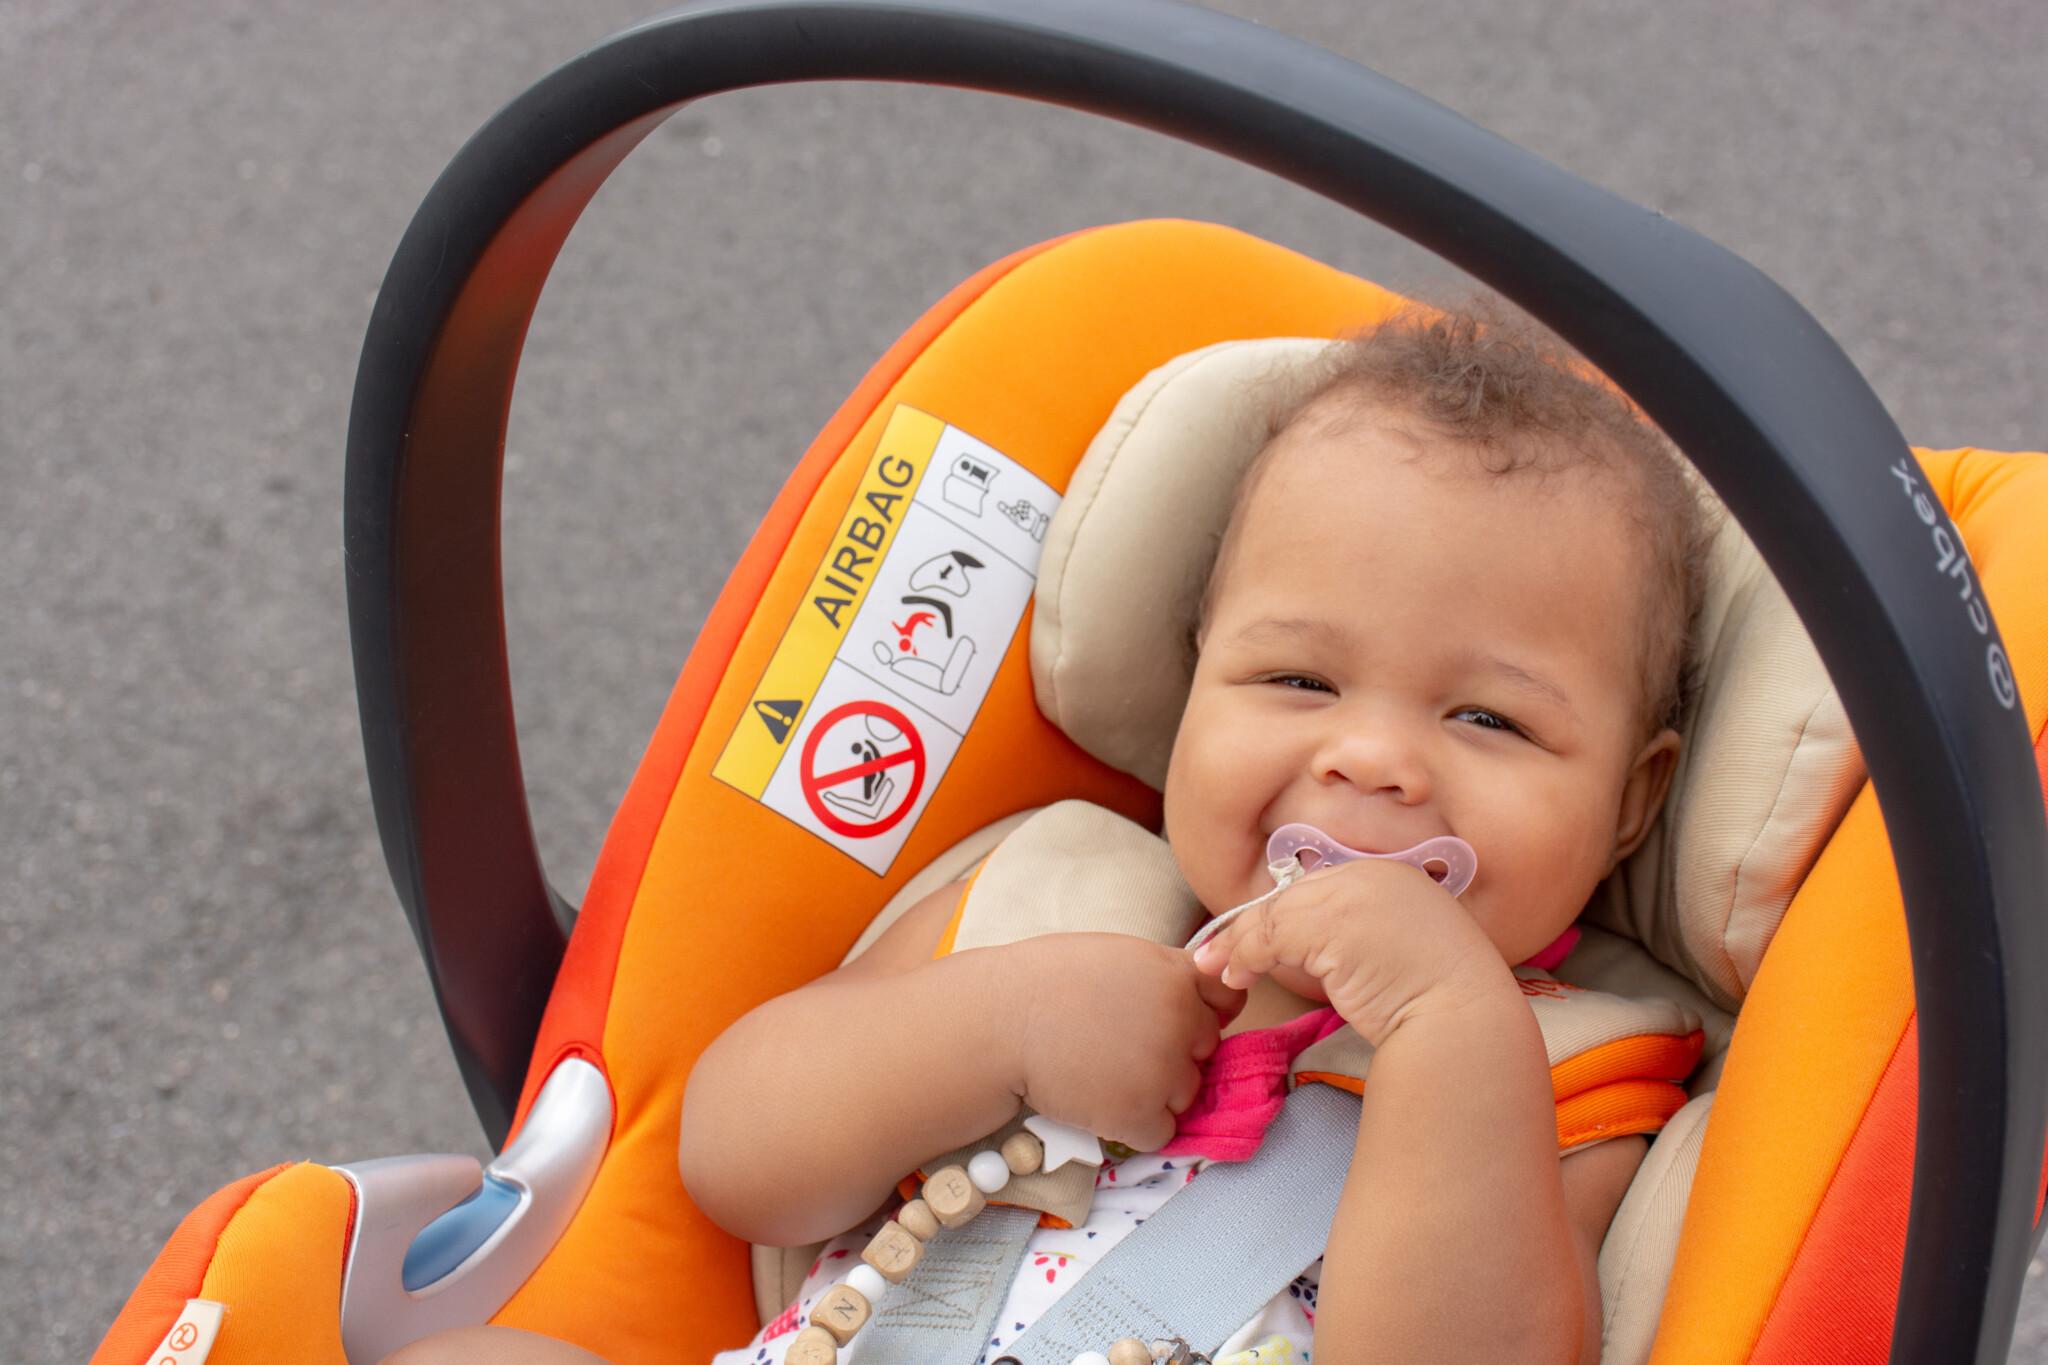 2 semaines en Floride avec un bébé de 1 an - Séjour du 2 au 16 mai 2019 DCL + WDW - Page 17 DSC_8486-2048x1365